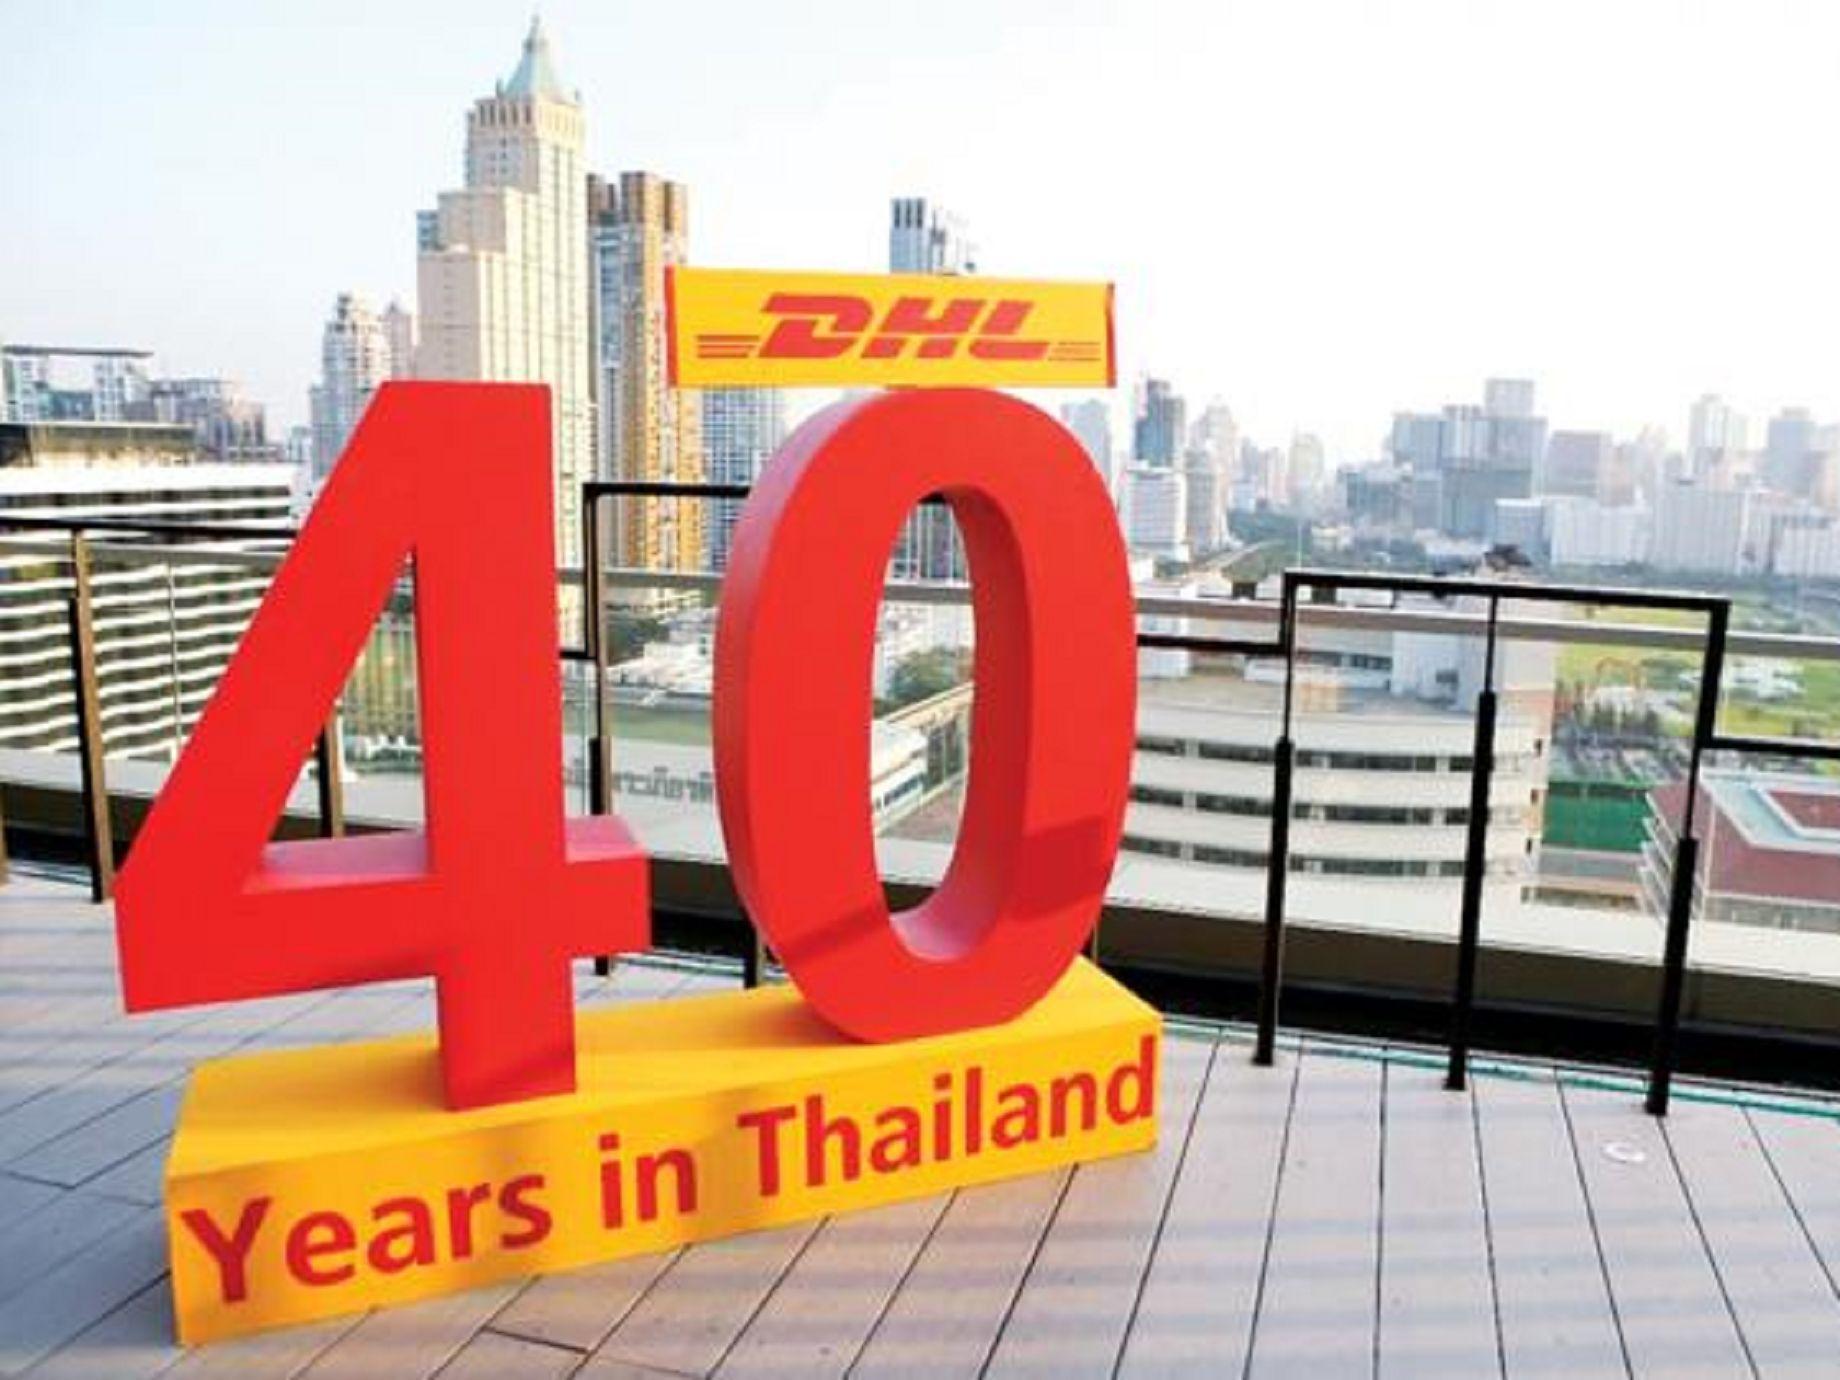 DHL擴充泰國服務,看好泰國電商物流需求前景